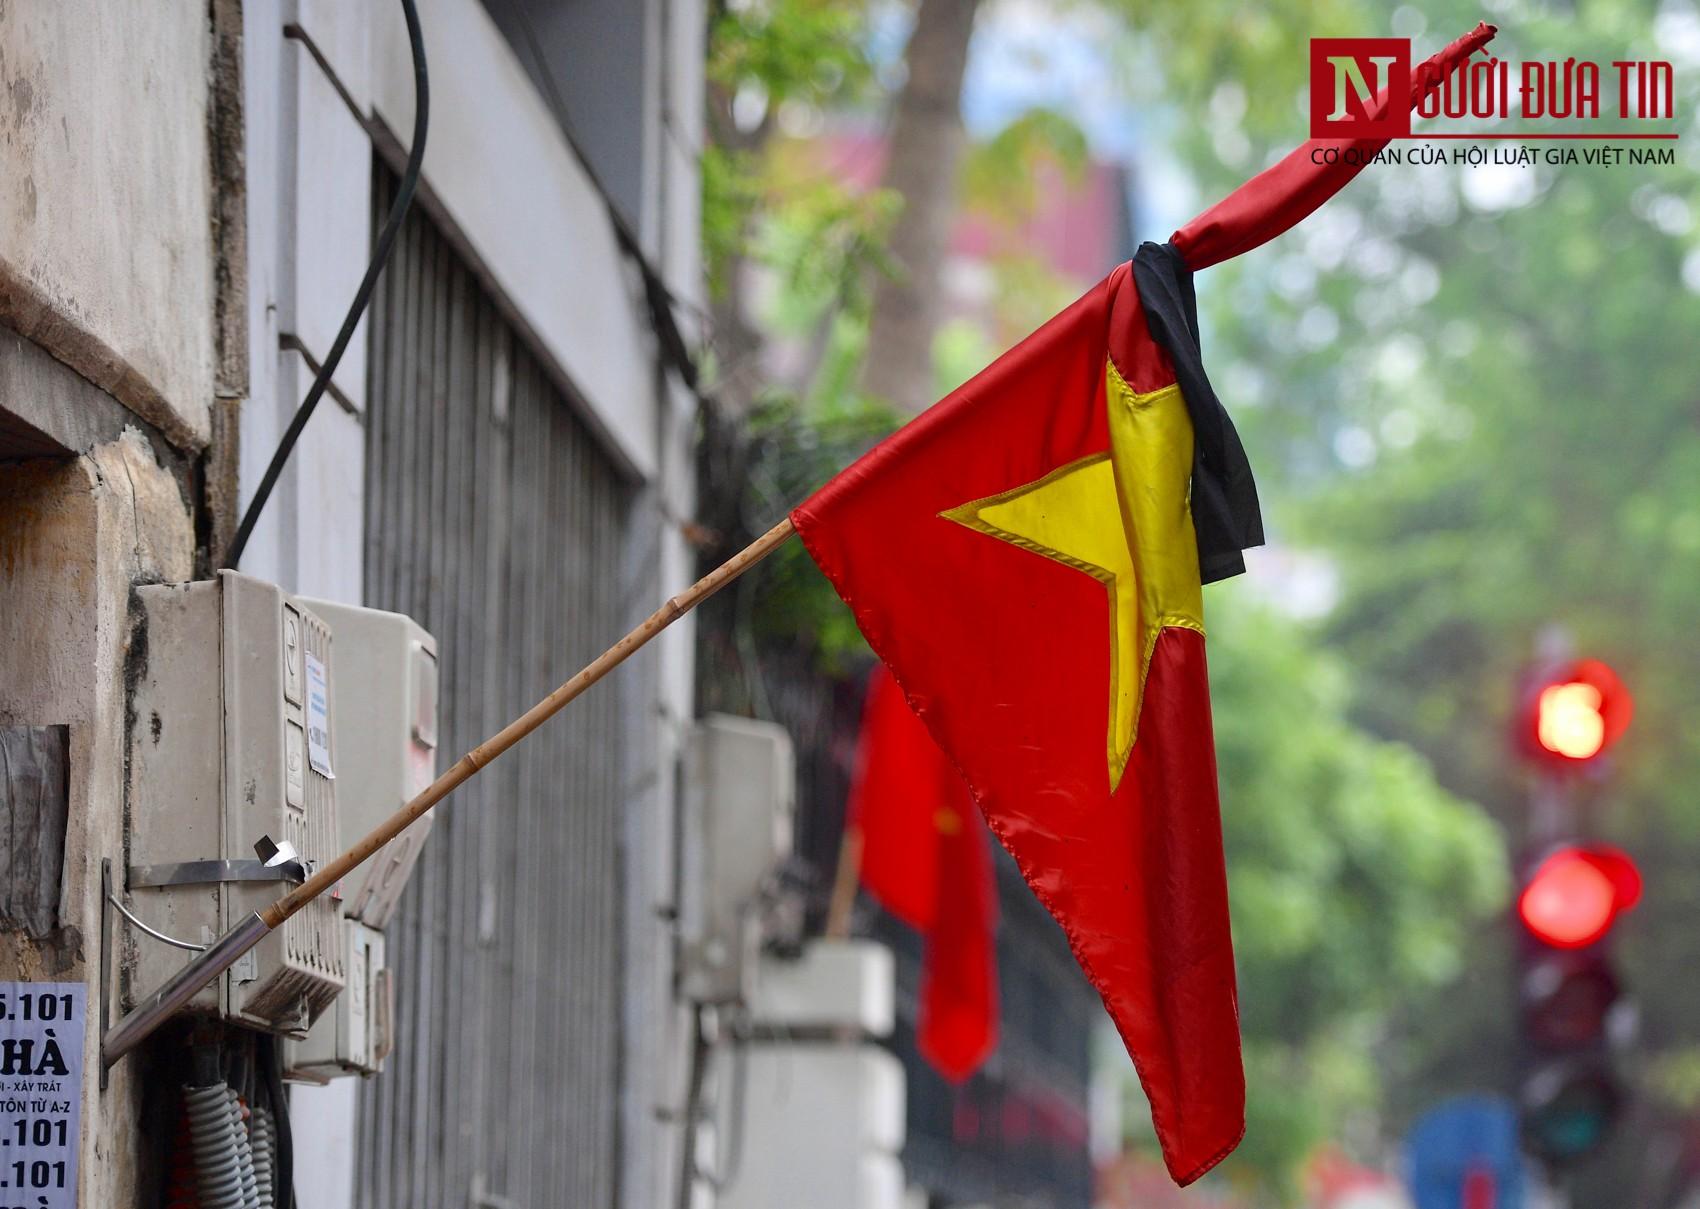 [Chùm ảnh] Các cơ quan, công sở đồng loạt treo cờ rủ Quốc tang Nguyên Chủ tịch nước Lê Đức Anh - Ảnh 11